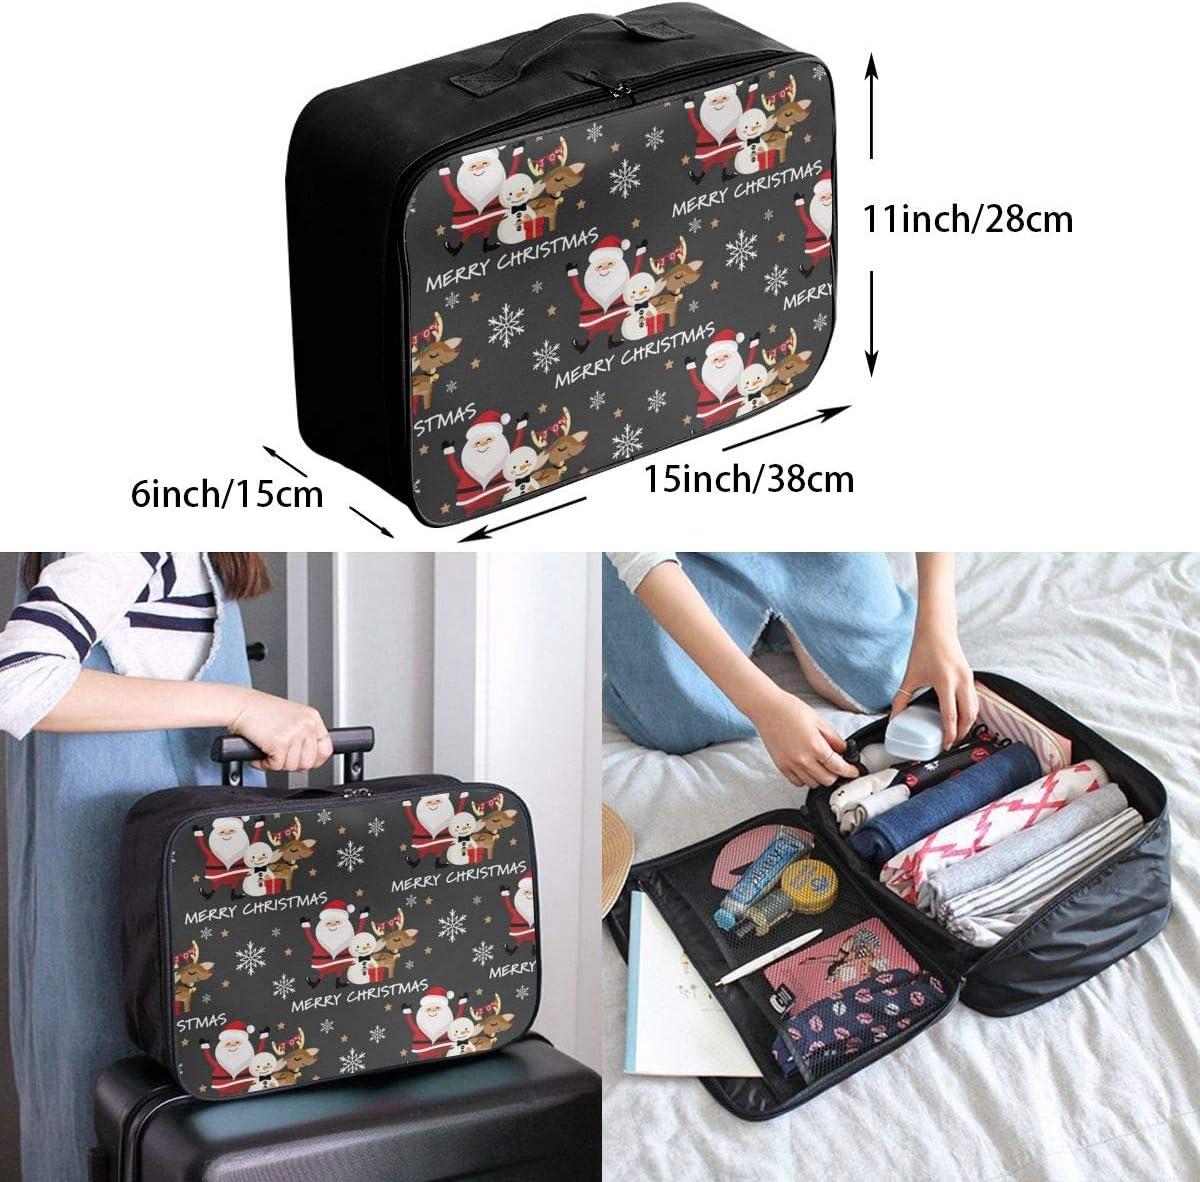 Santa Reindeer Snowman Snowflake Lightweight LargeTravel Storage Luggage Trolley Bag Travel Duffel Bags Carry-On Tote